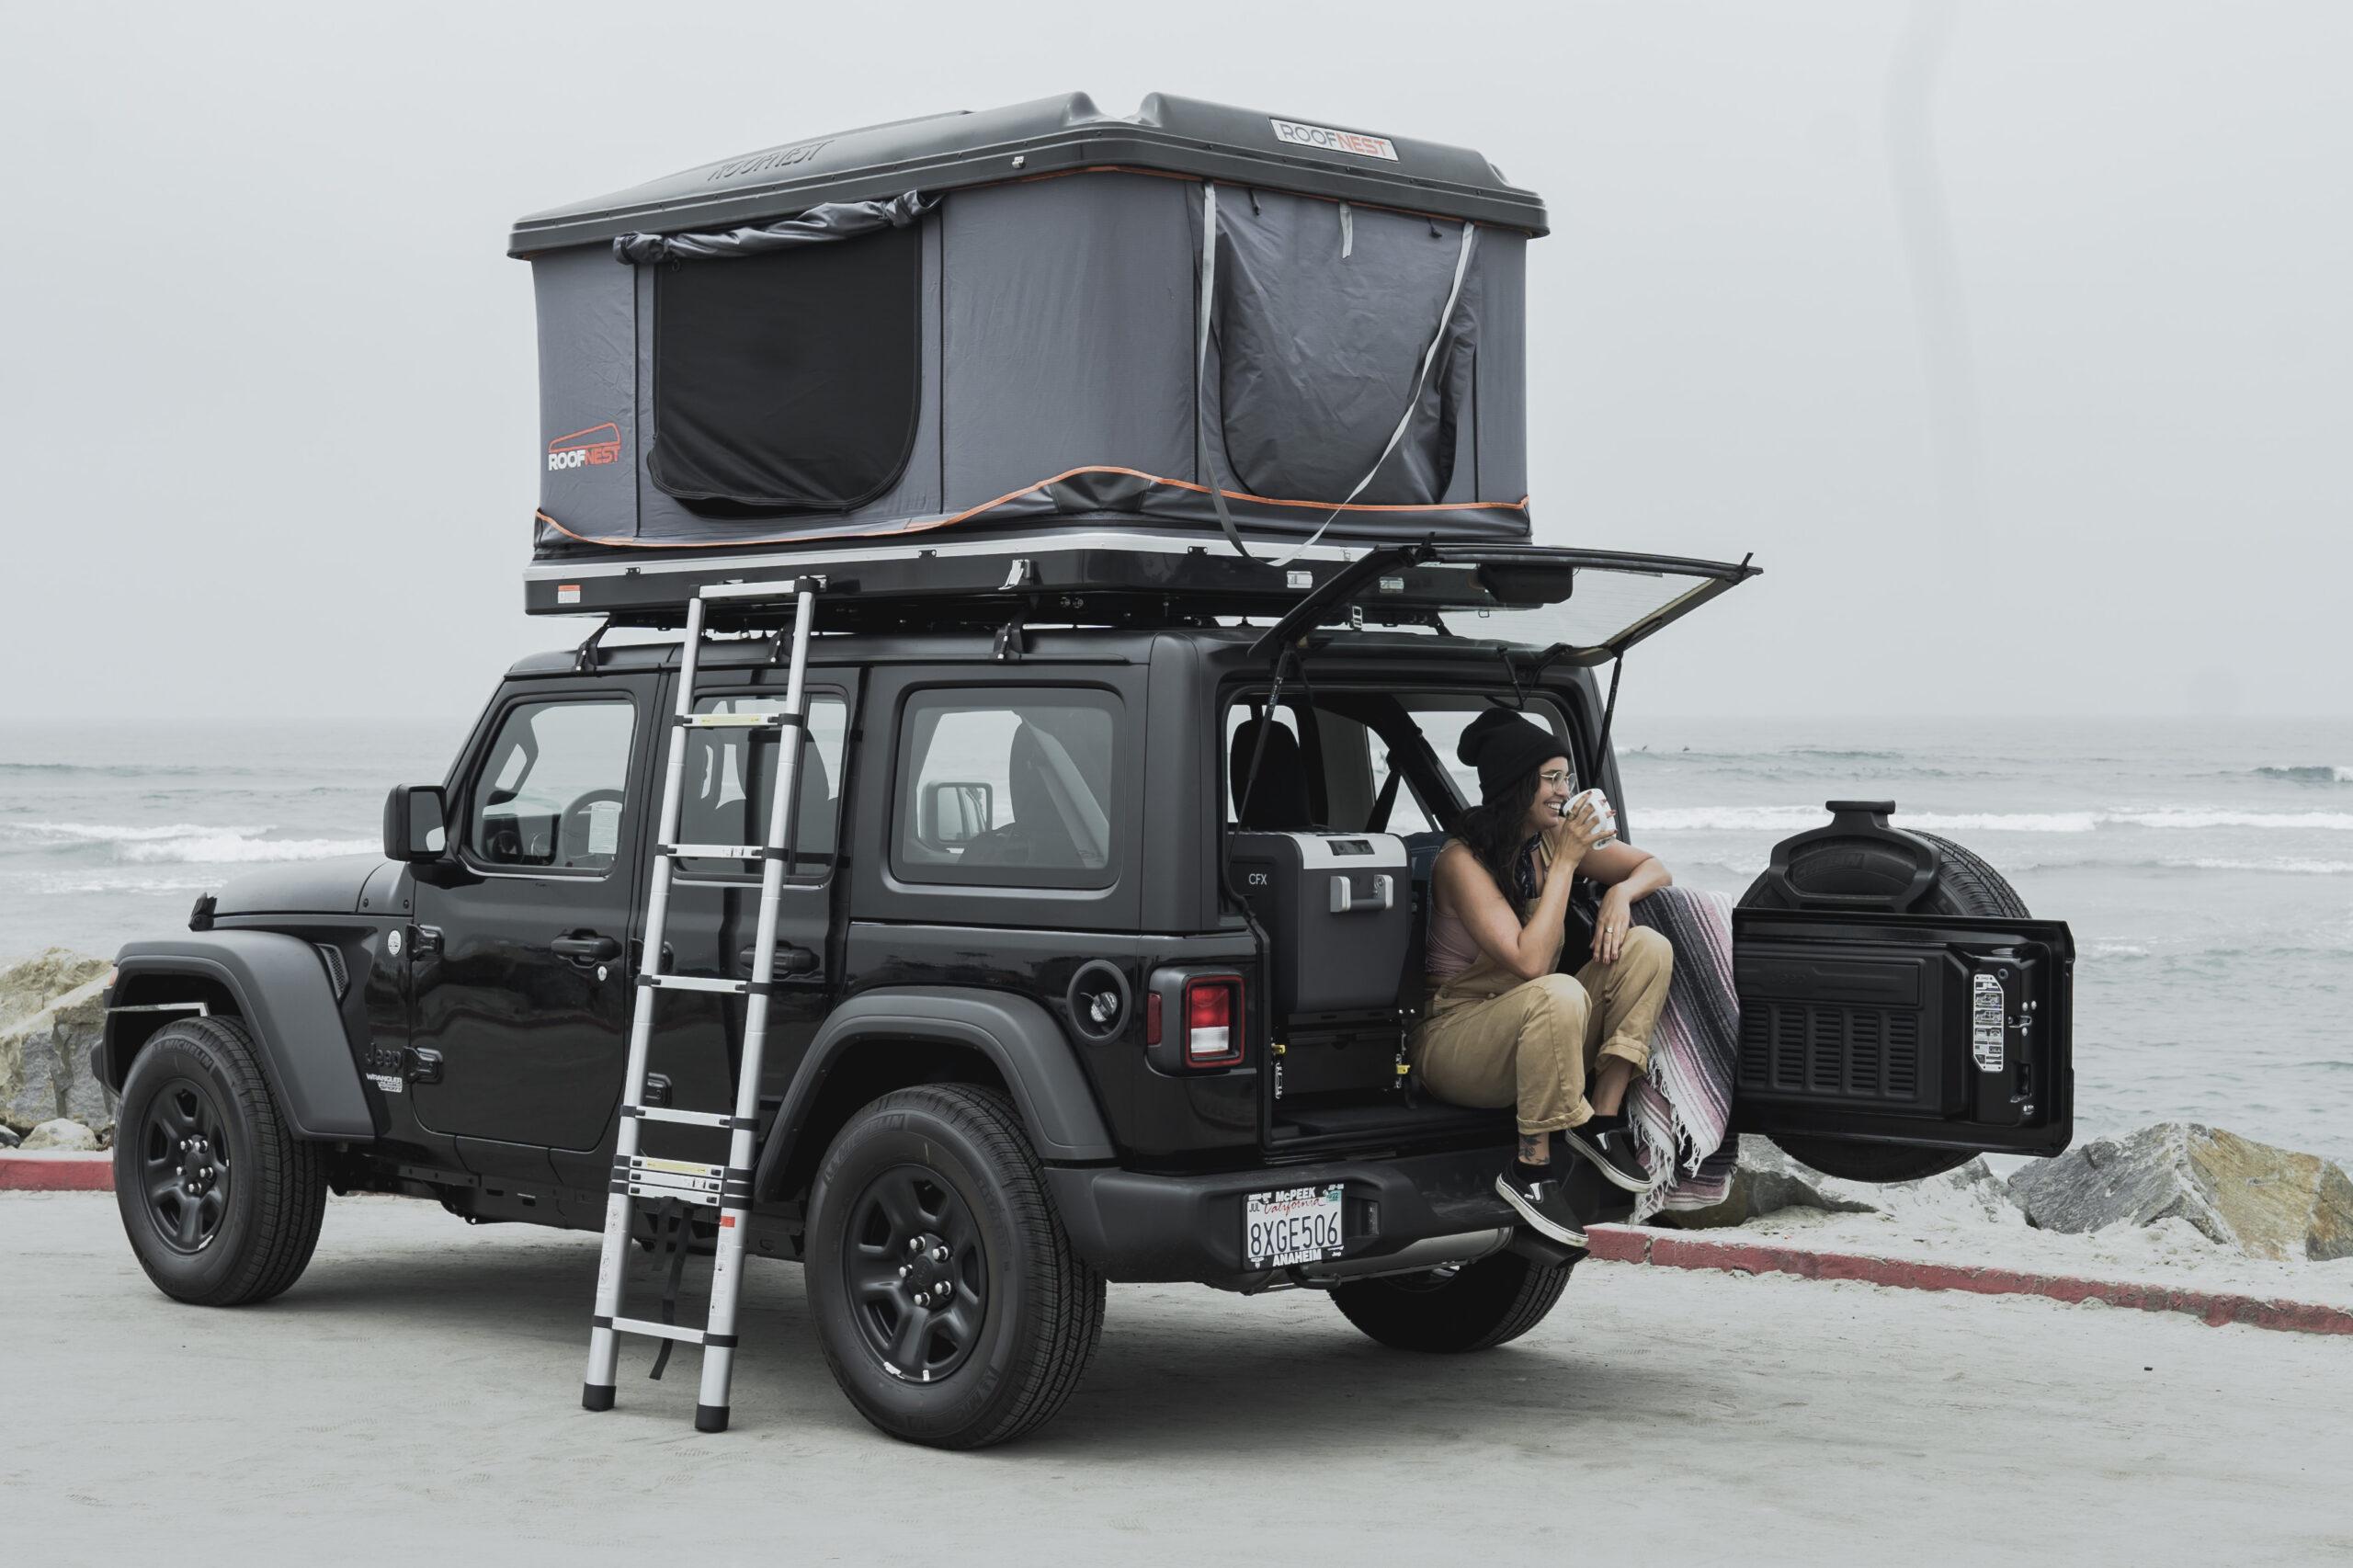 Alquilar una autocaravana: Cómo montar una carpa en el techo de tu autocaravana